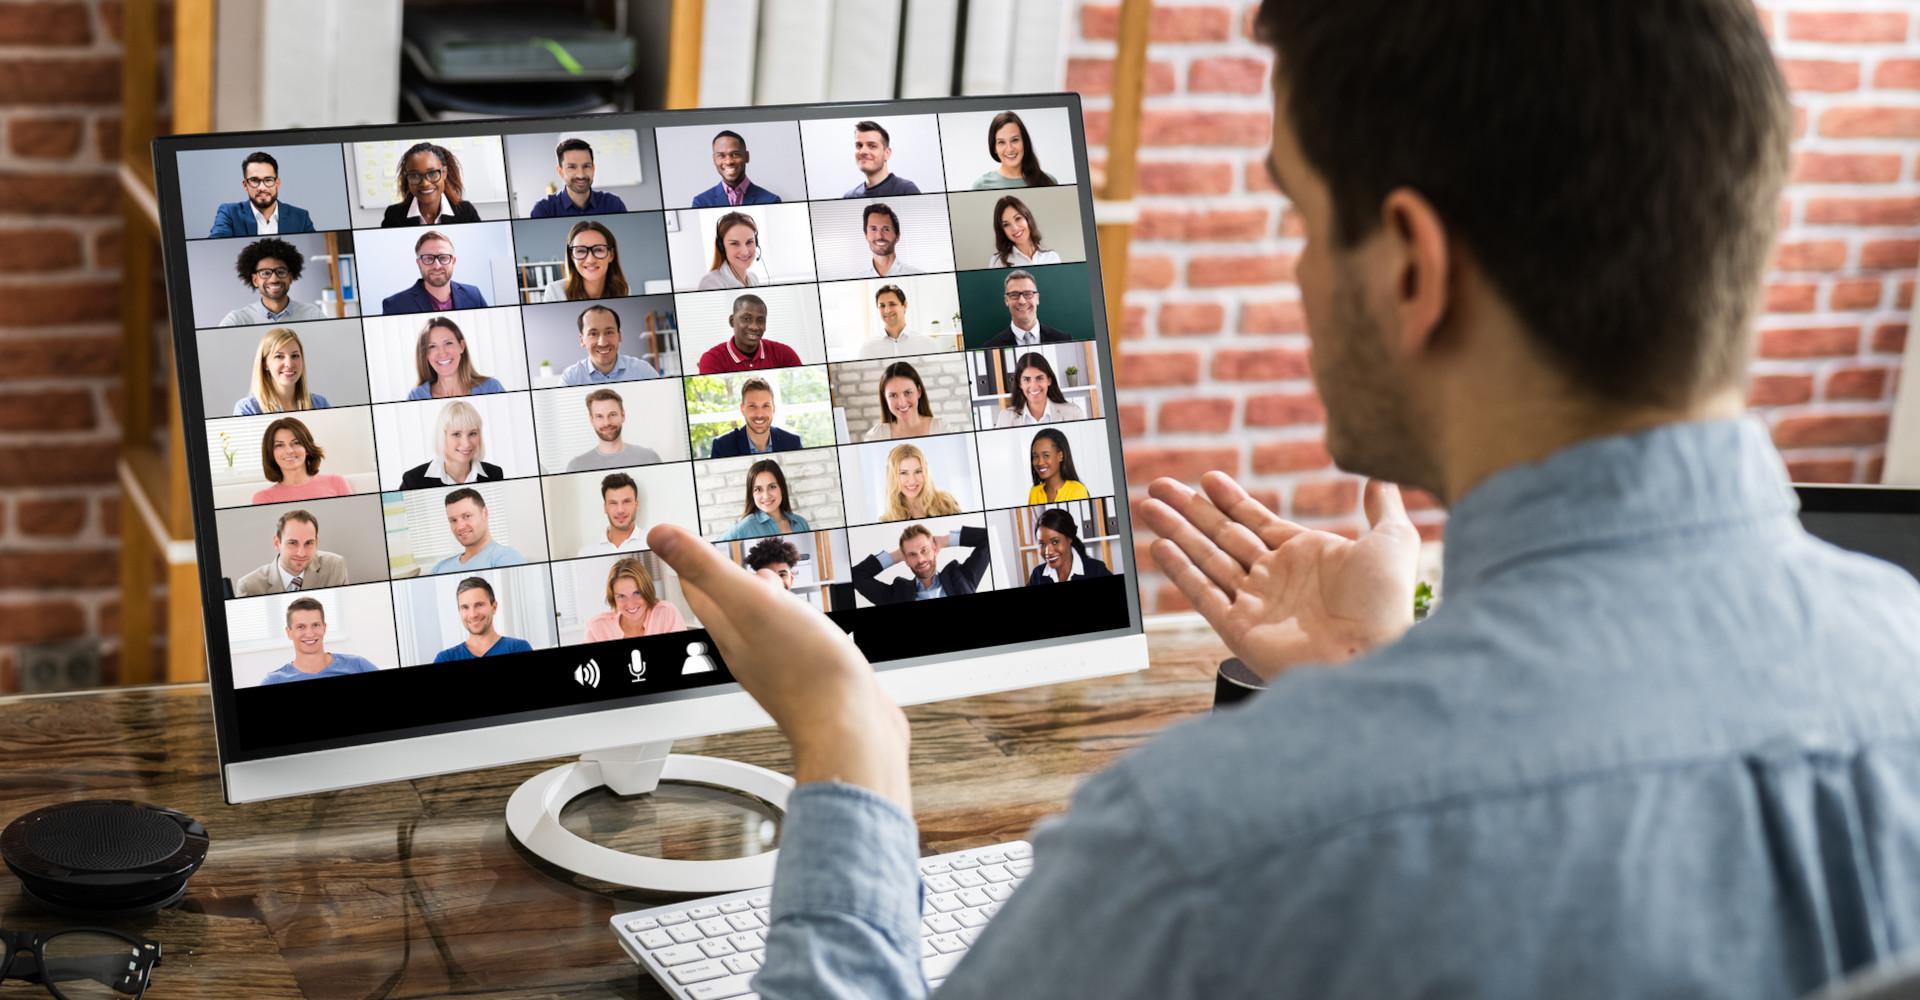 Ein Mann erläutert etwas in einer Videokonferenz.